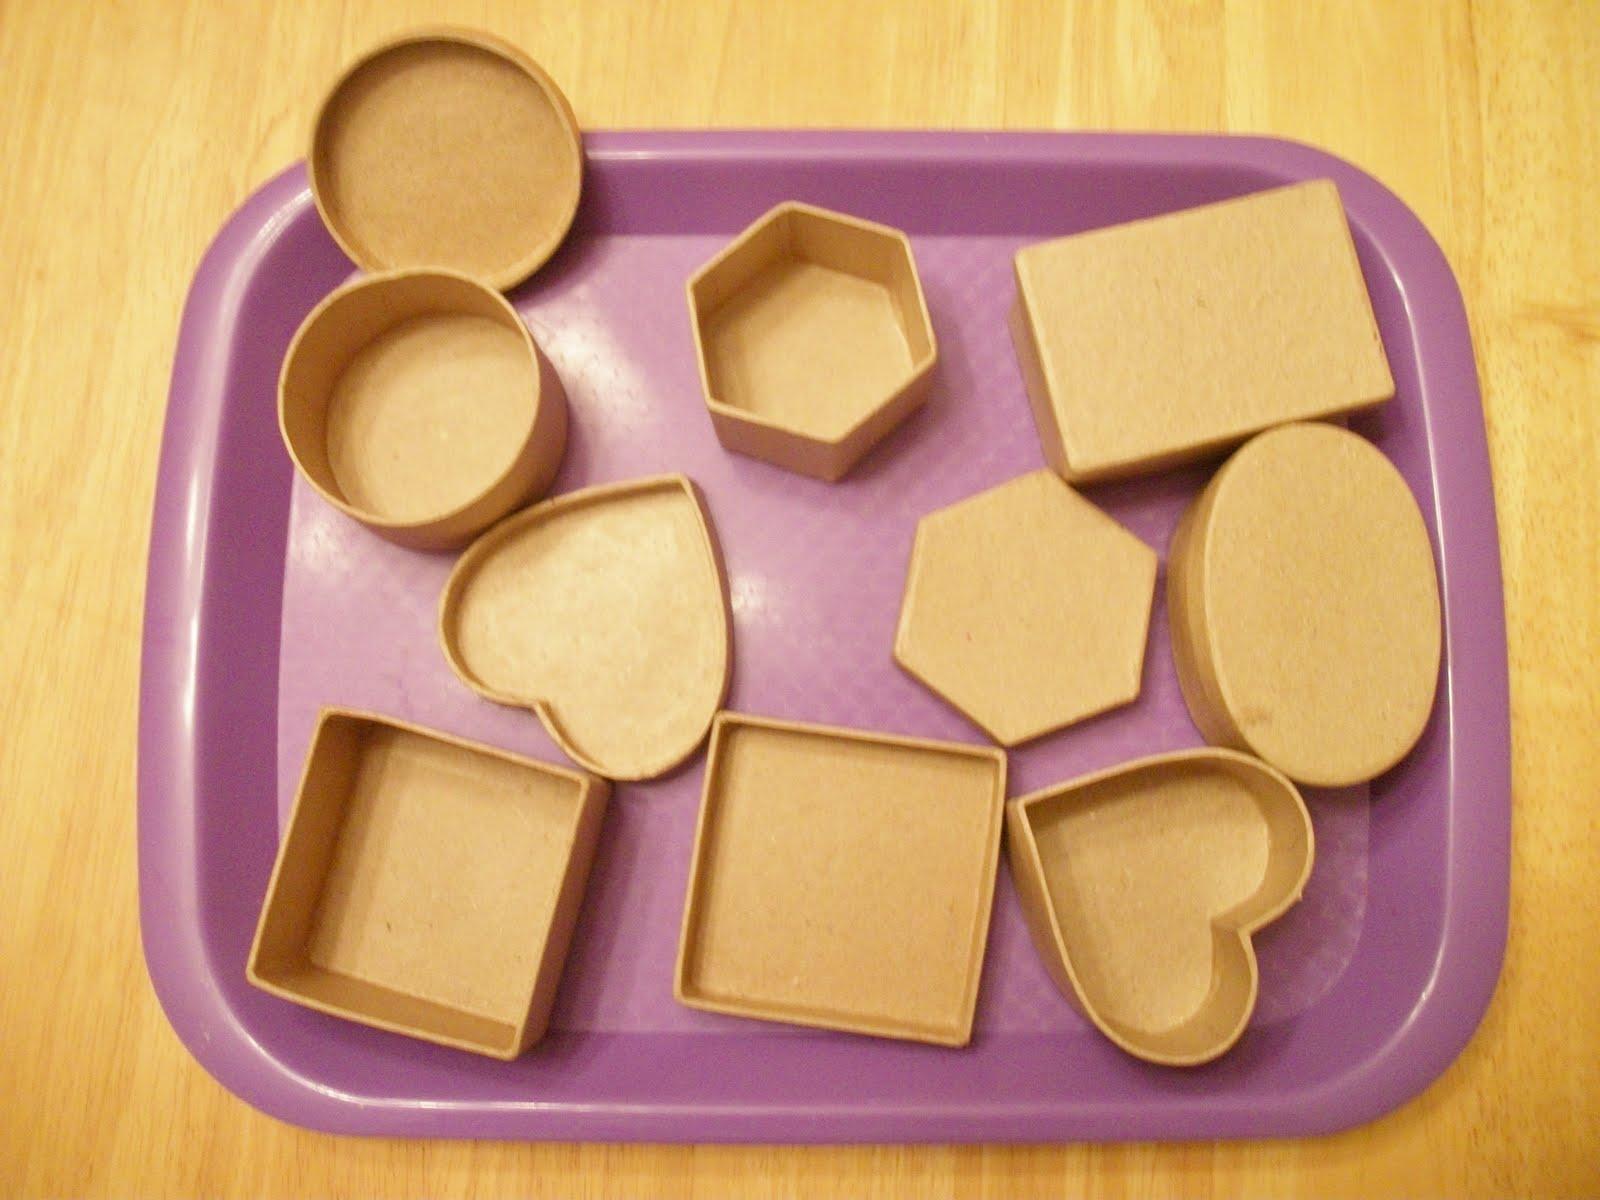 Bread With Honey Montessori Style Activities